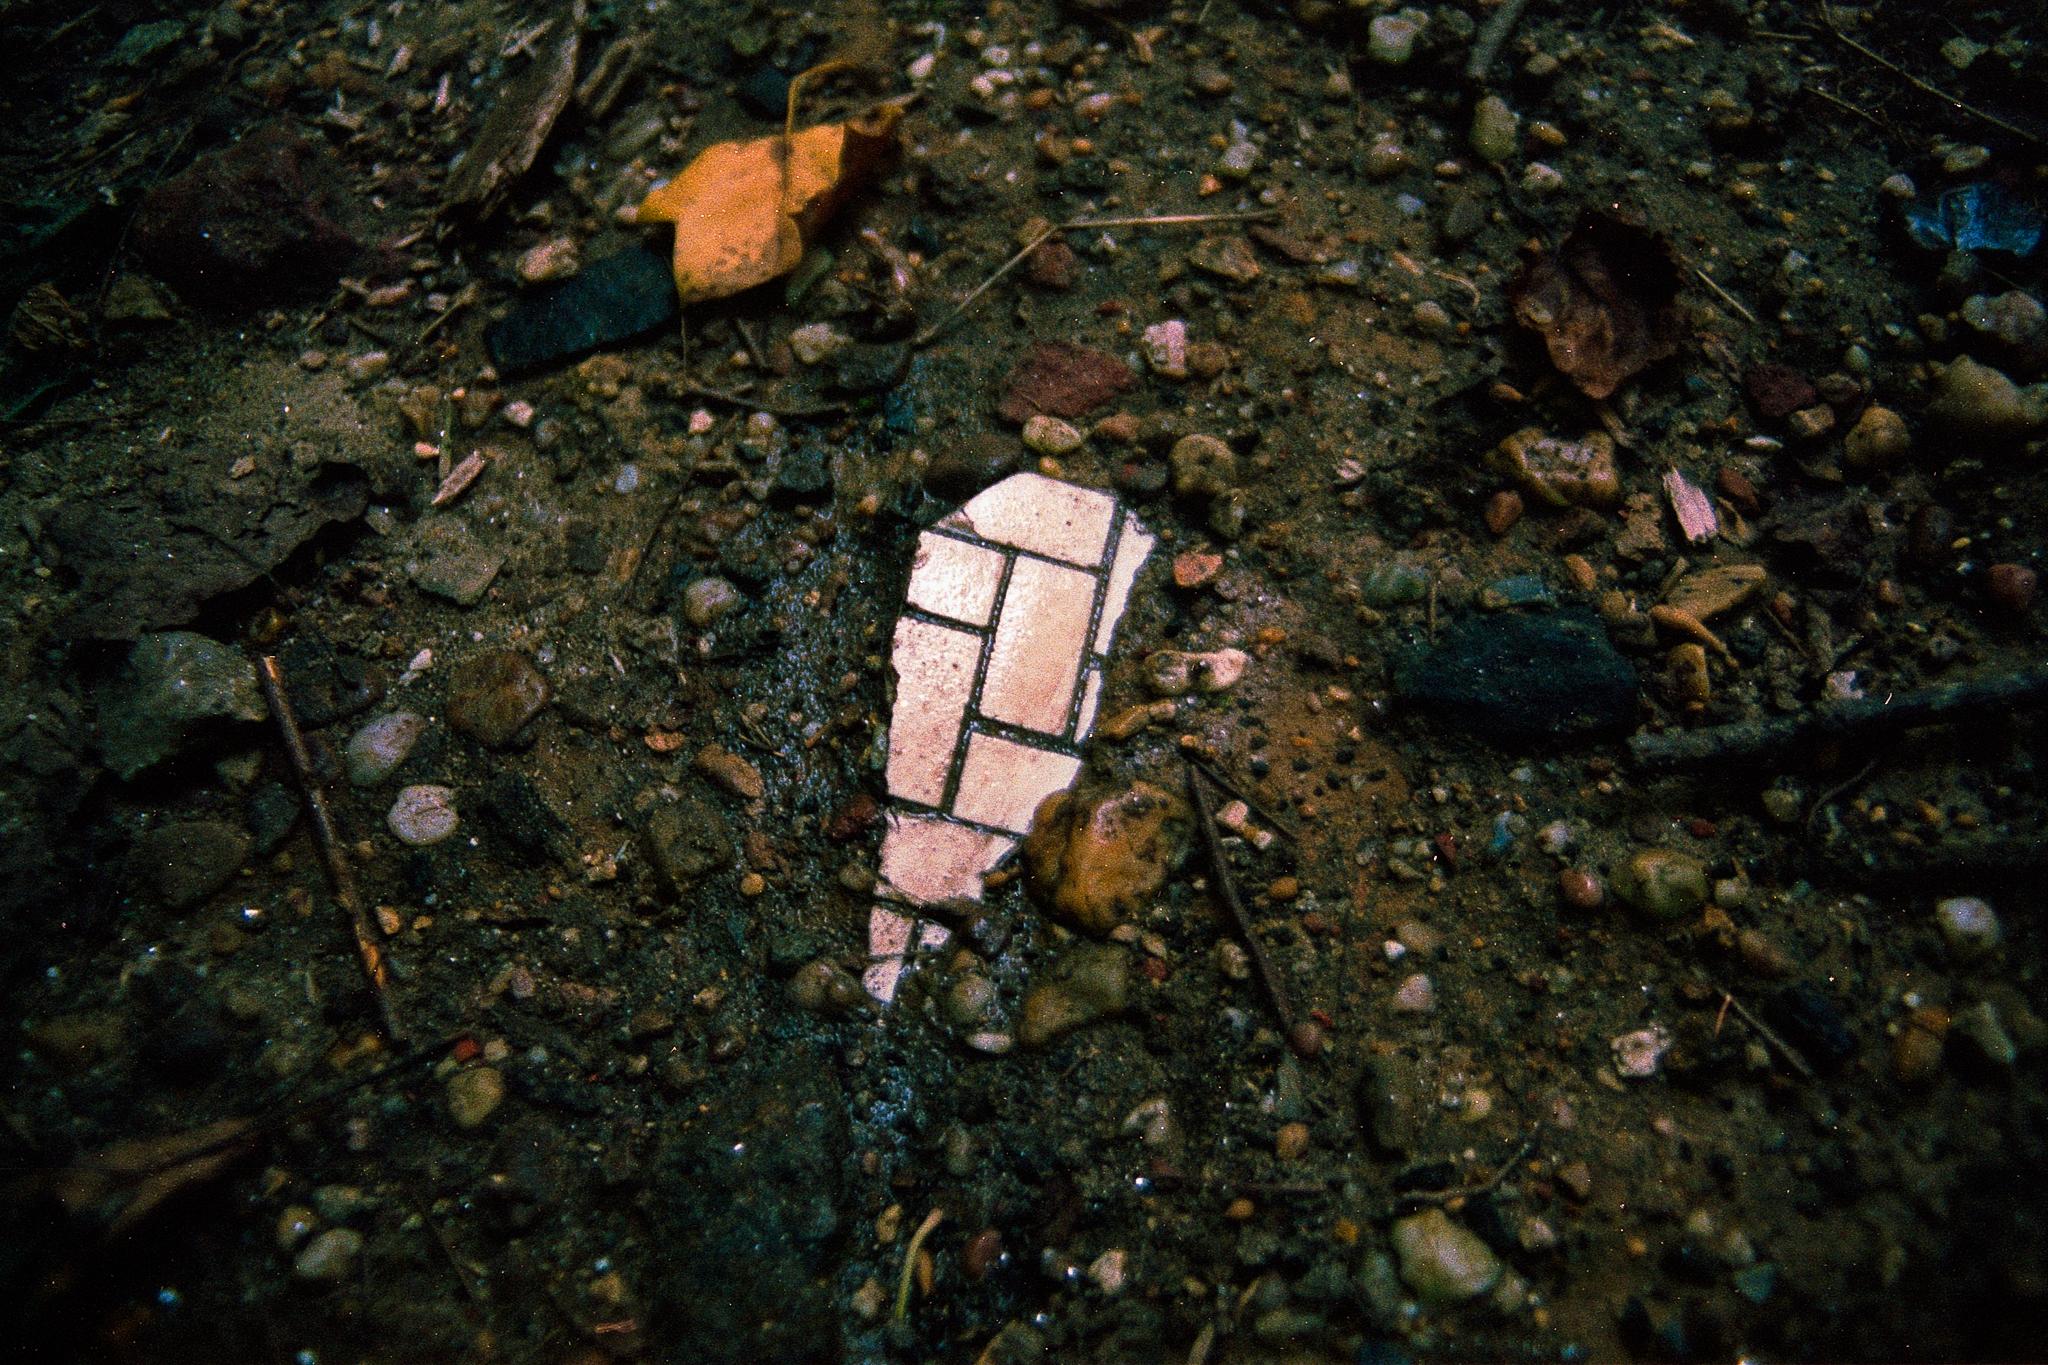 camuglia-16.09-18_web.jpg